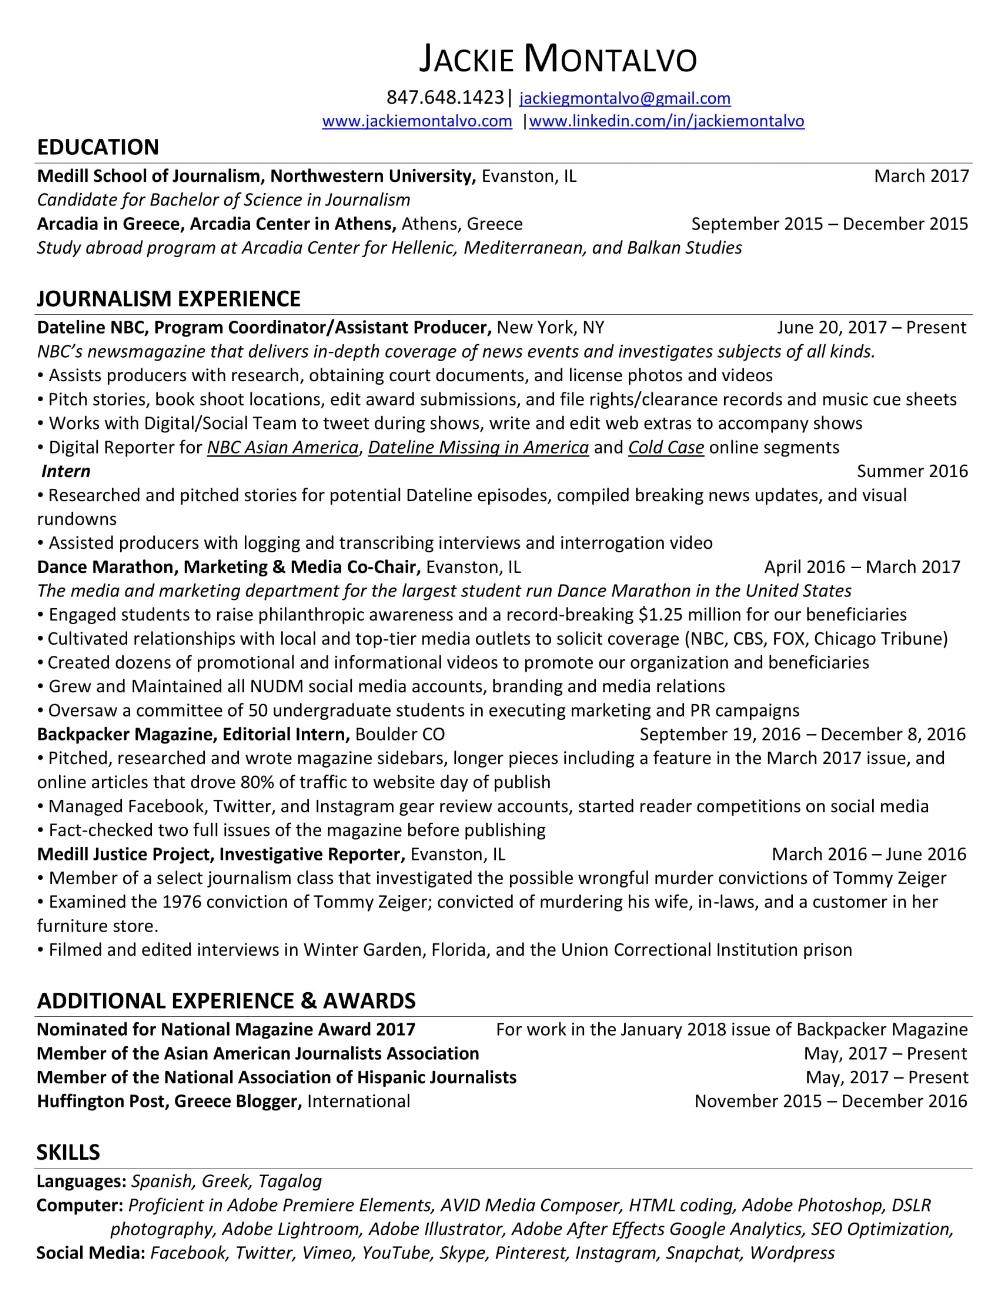 Resume — Jackie Montalvo